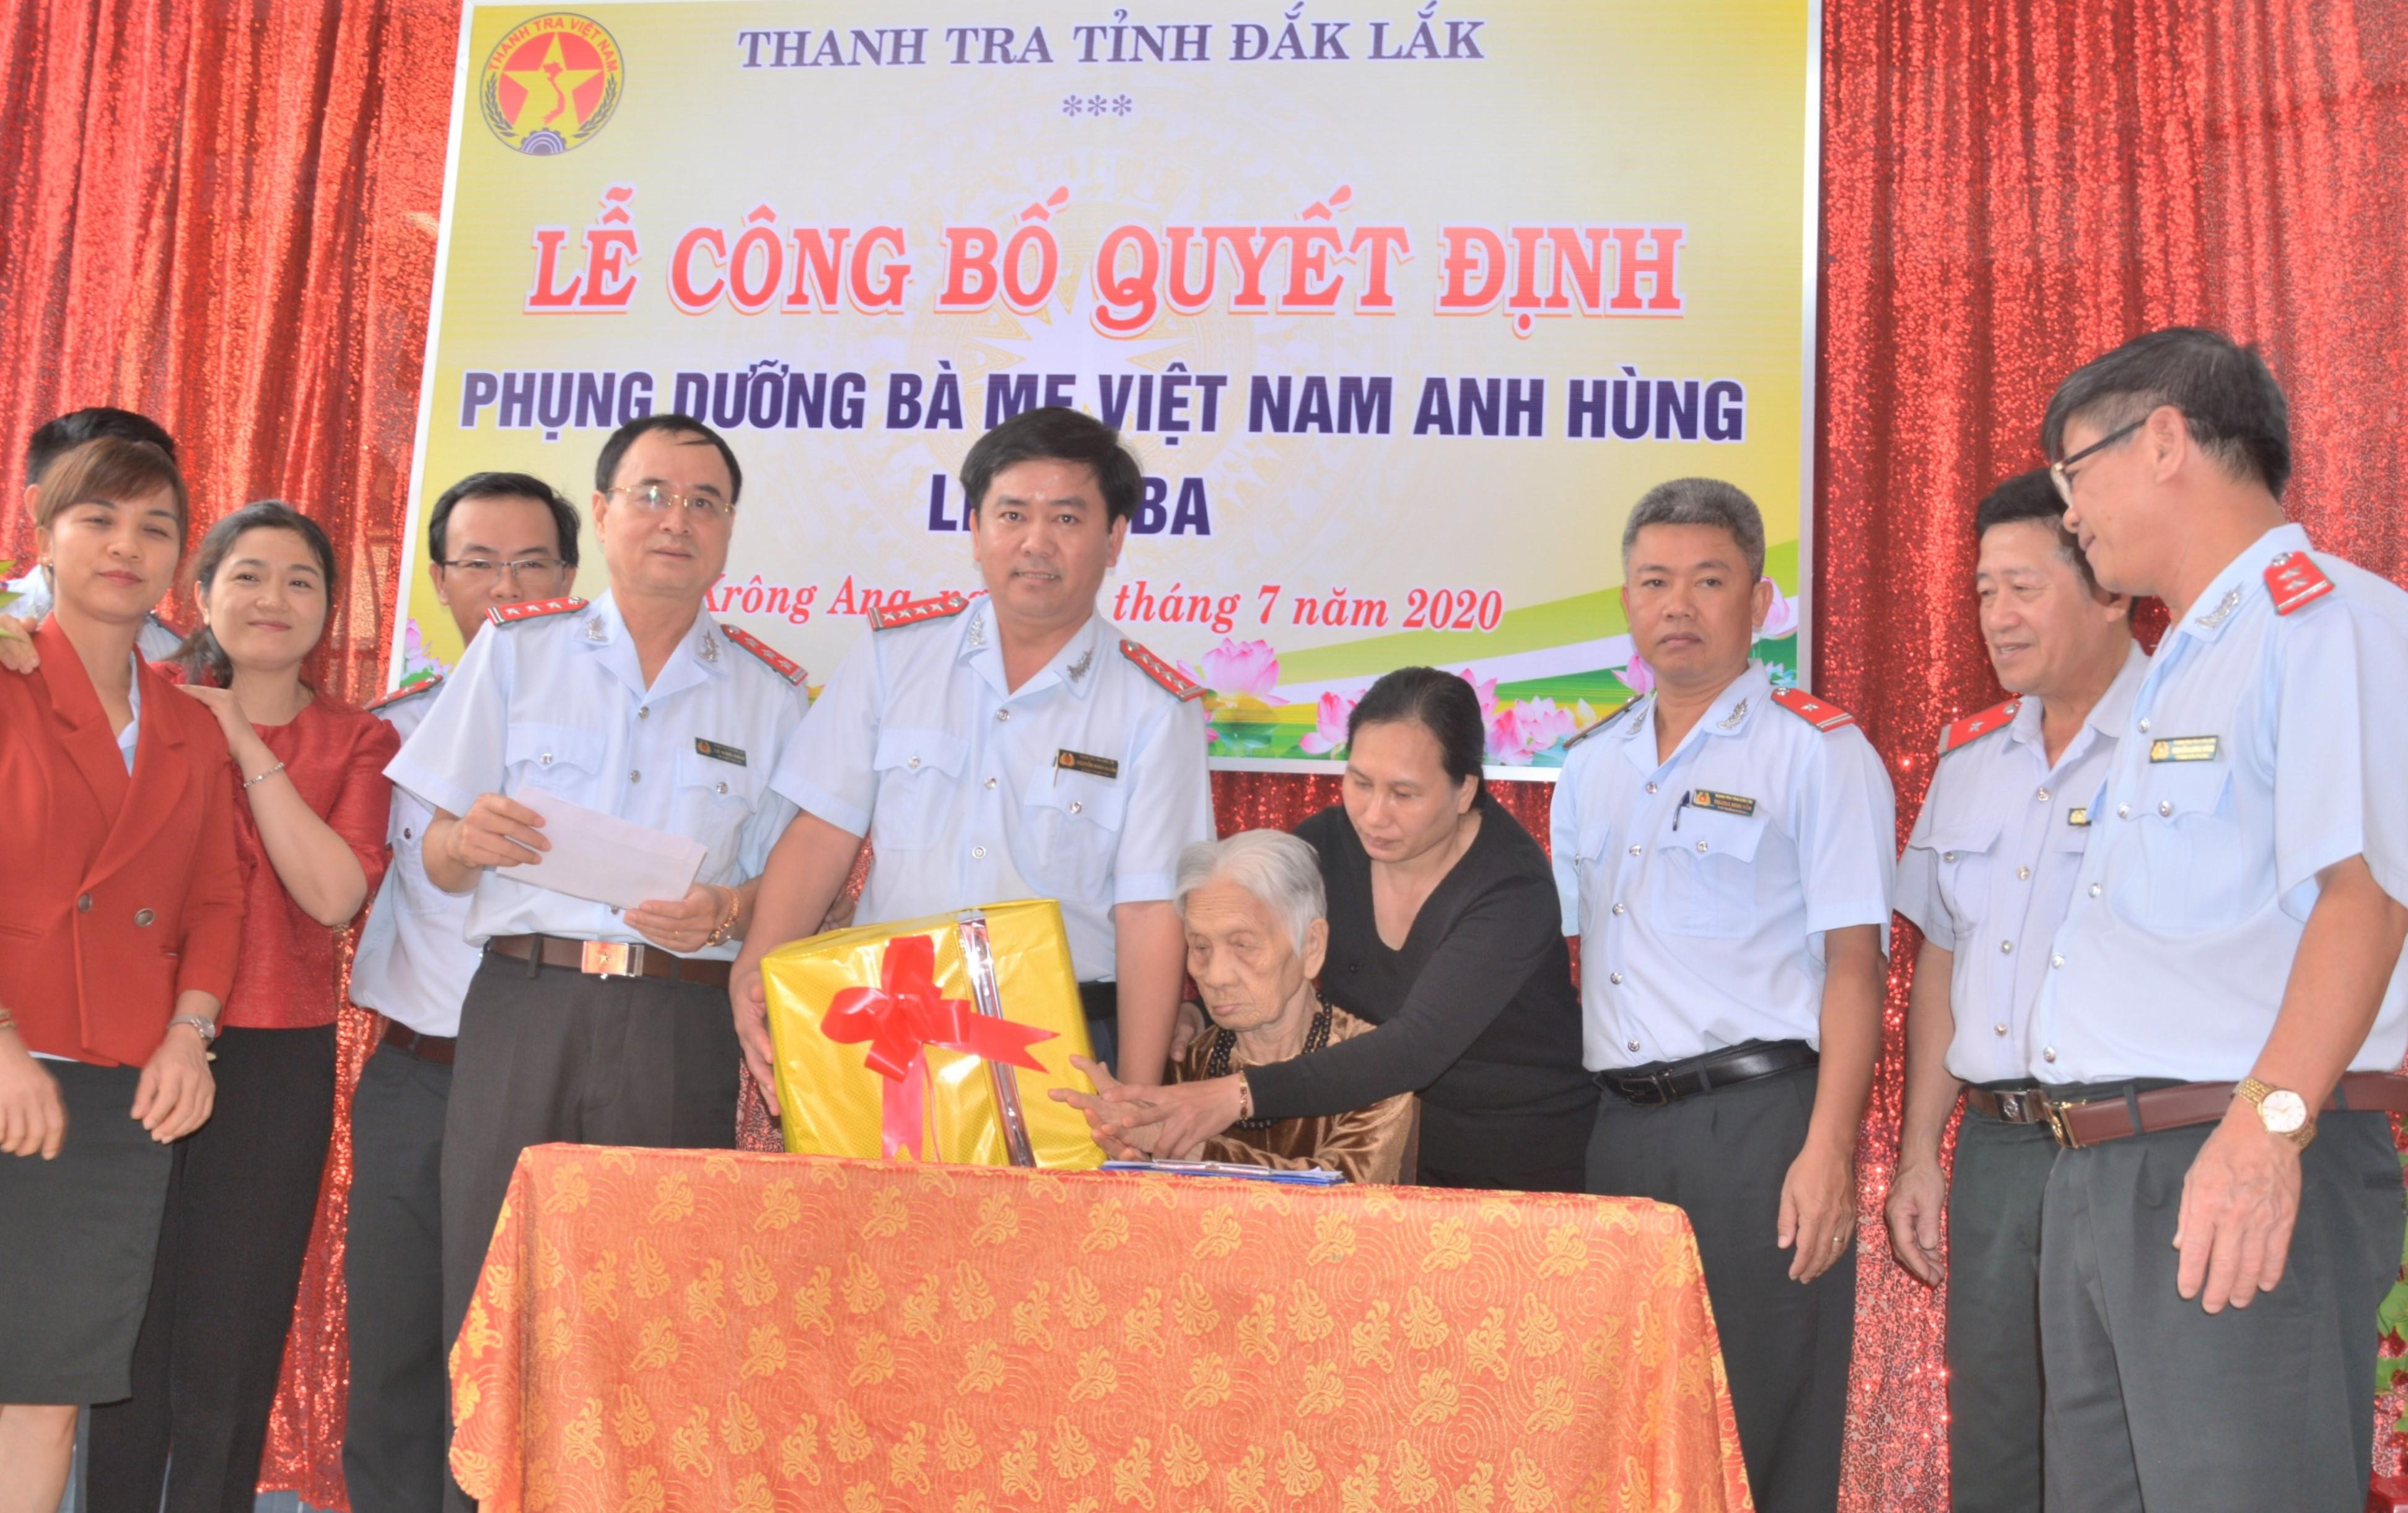 Thanh tra tỉnh Đắk Lắk nhận phụng dưỡng Mẹ Việt Nam Anh hùng